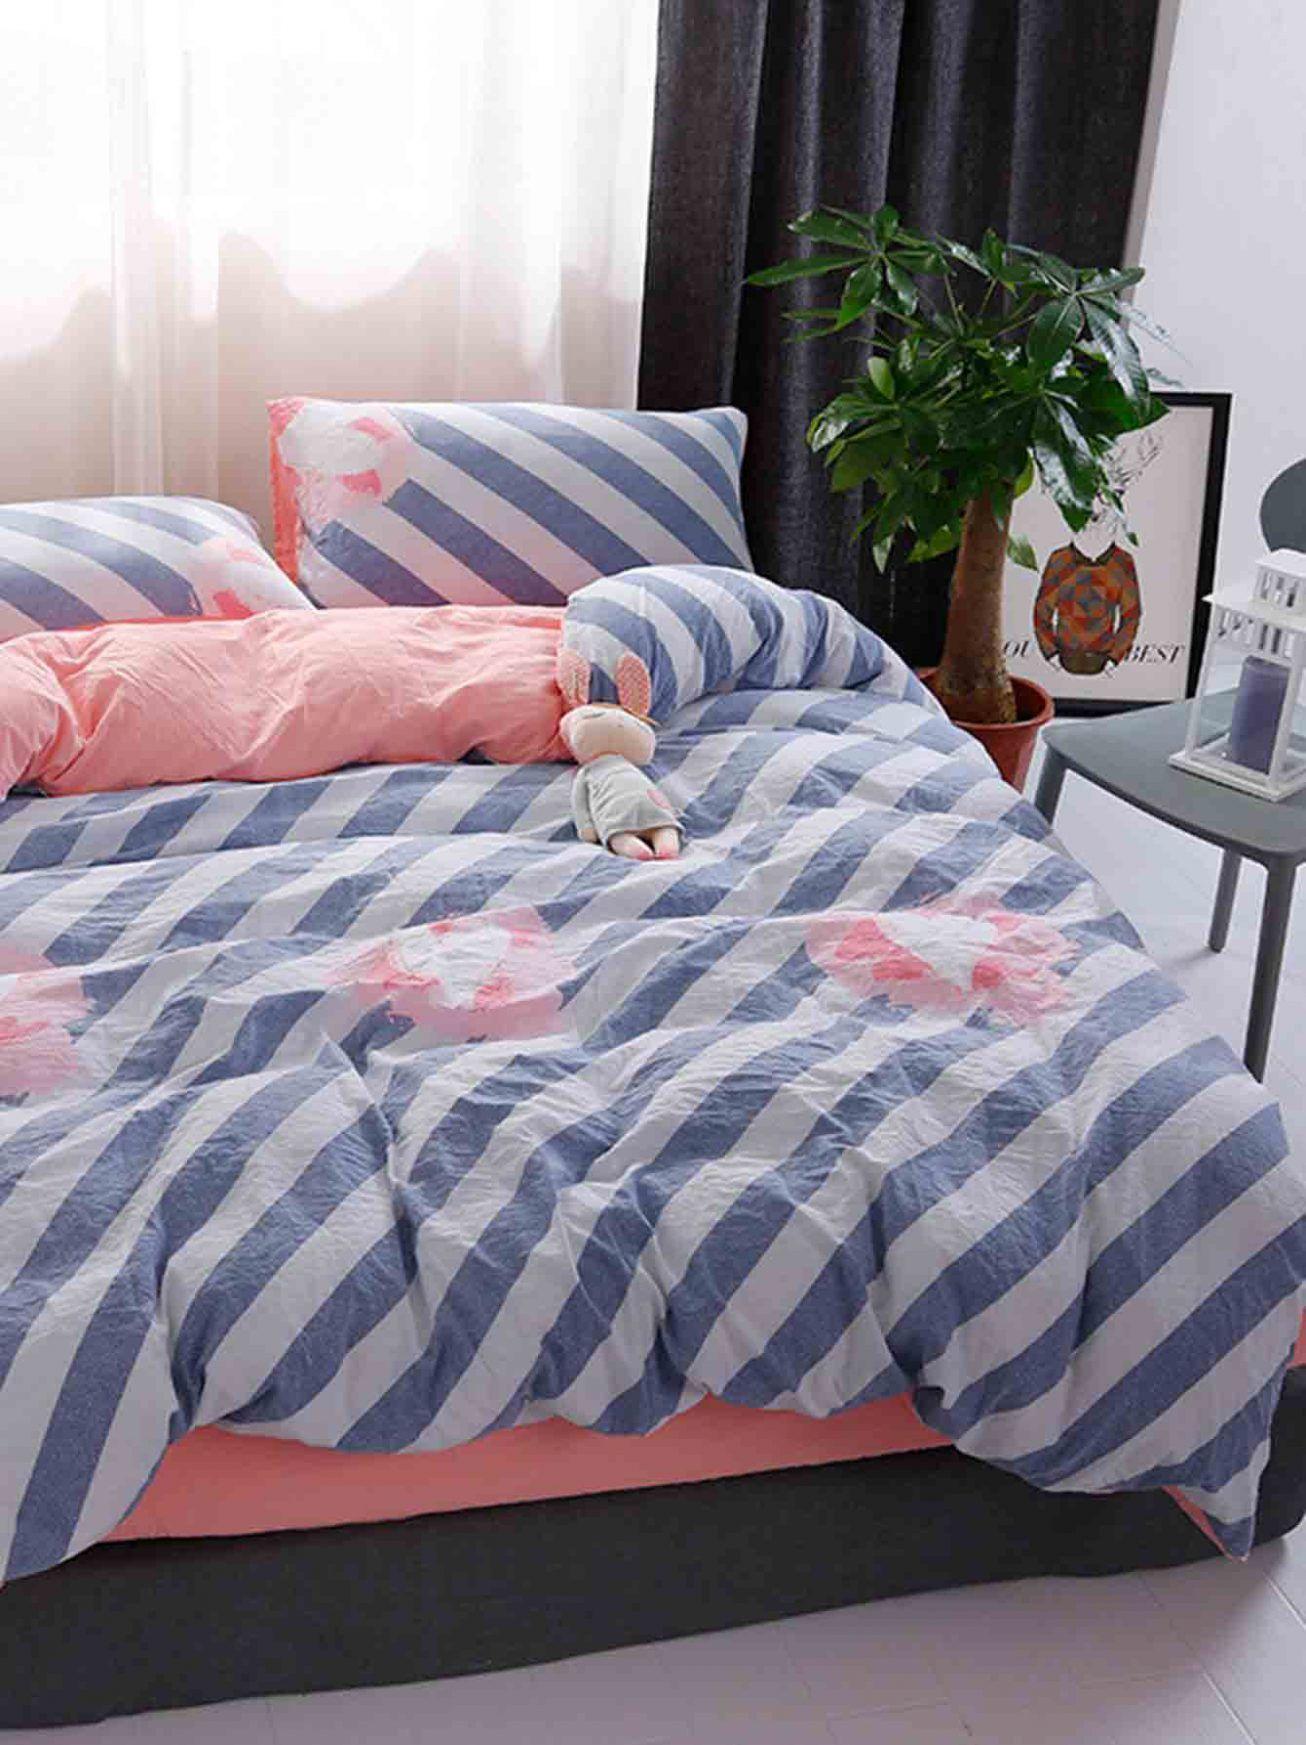 15 Striped Duvet Cover Set Bedding Sets bedding